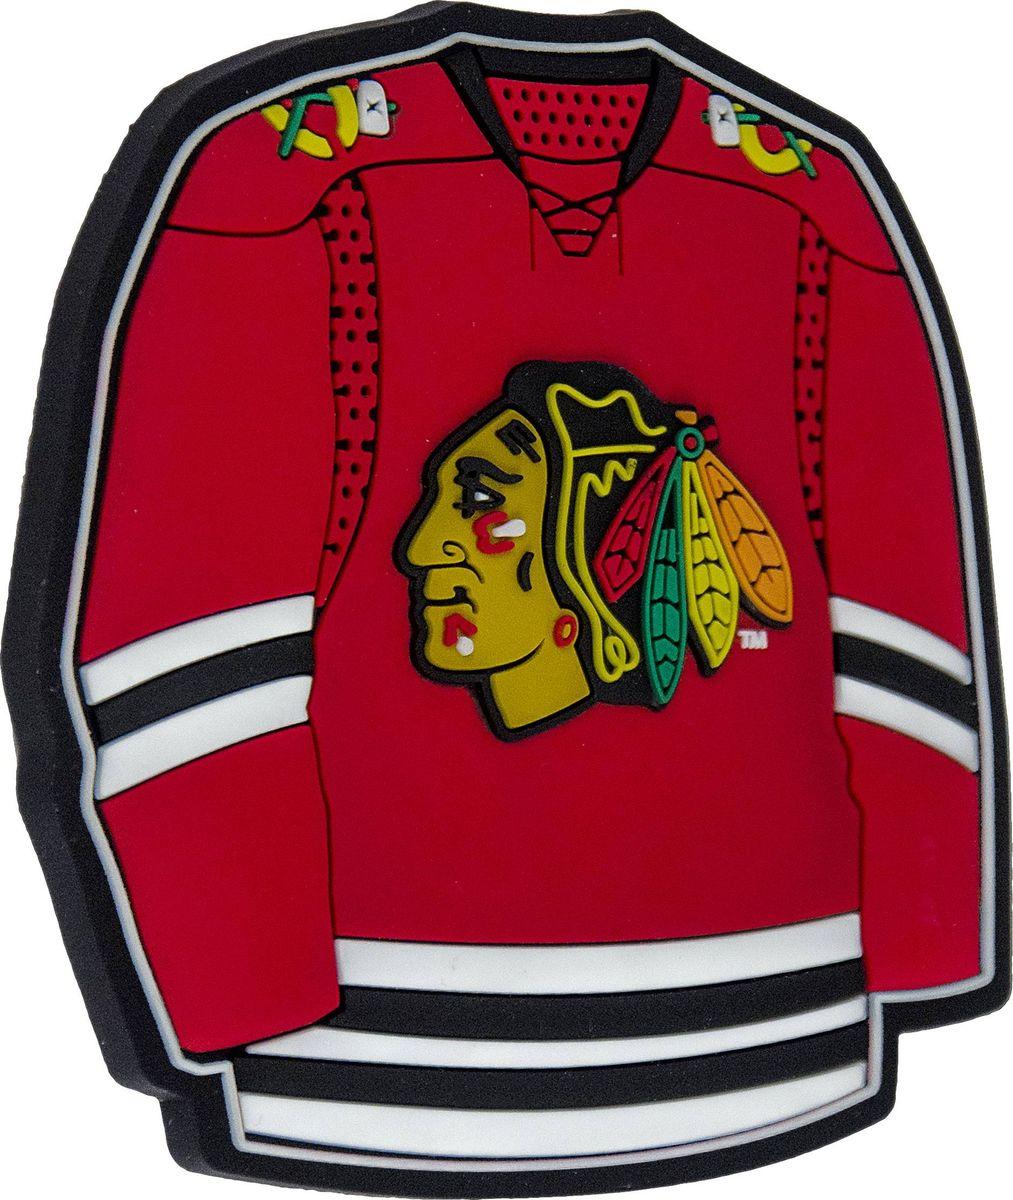 Магнит Atributika & Club Chicago Blackhawks, цвет: красный. 56008322020Магнит Atributika & Club выполнен из полимерного материала в виде символики вашего любимого клуба.Длина: 8 см.